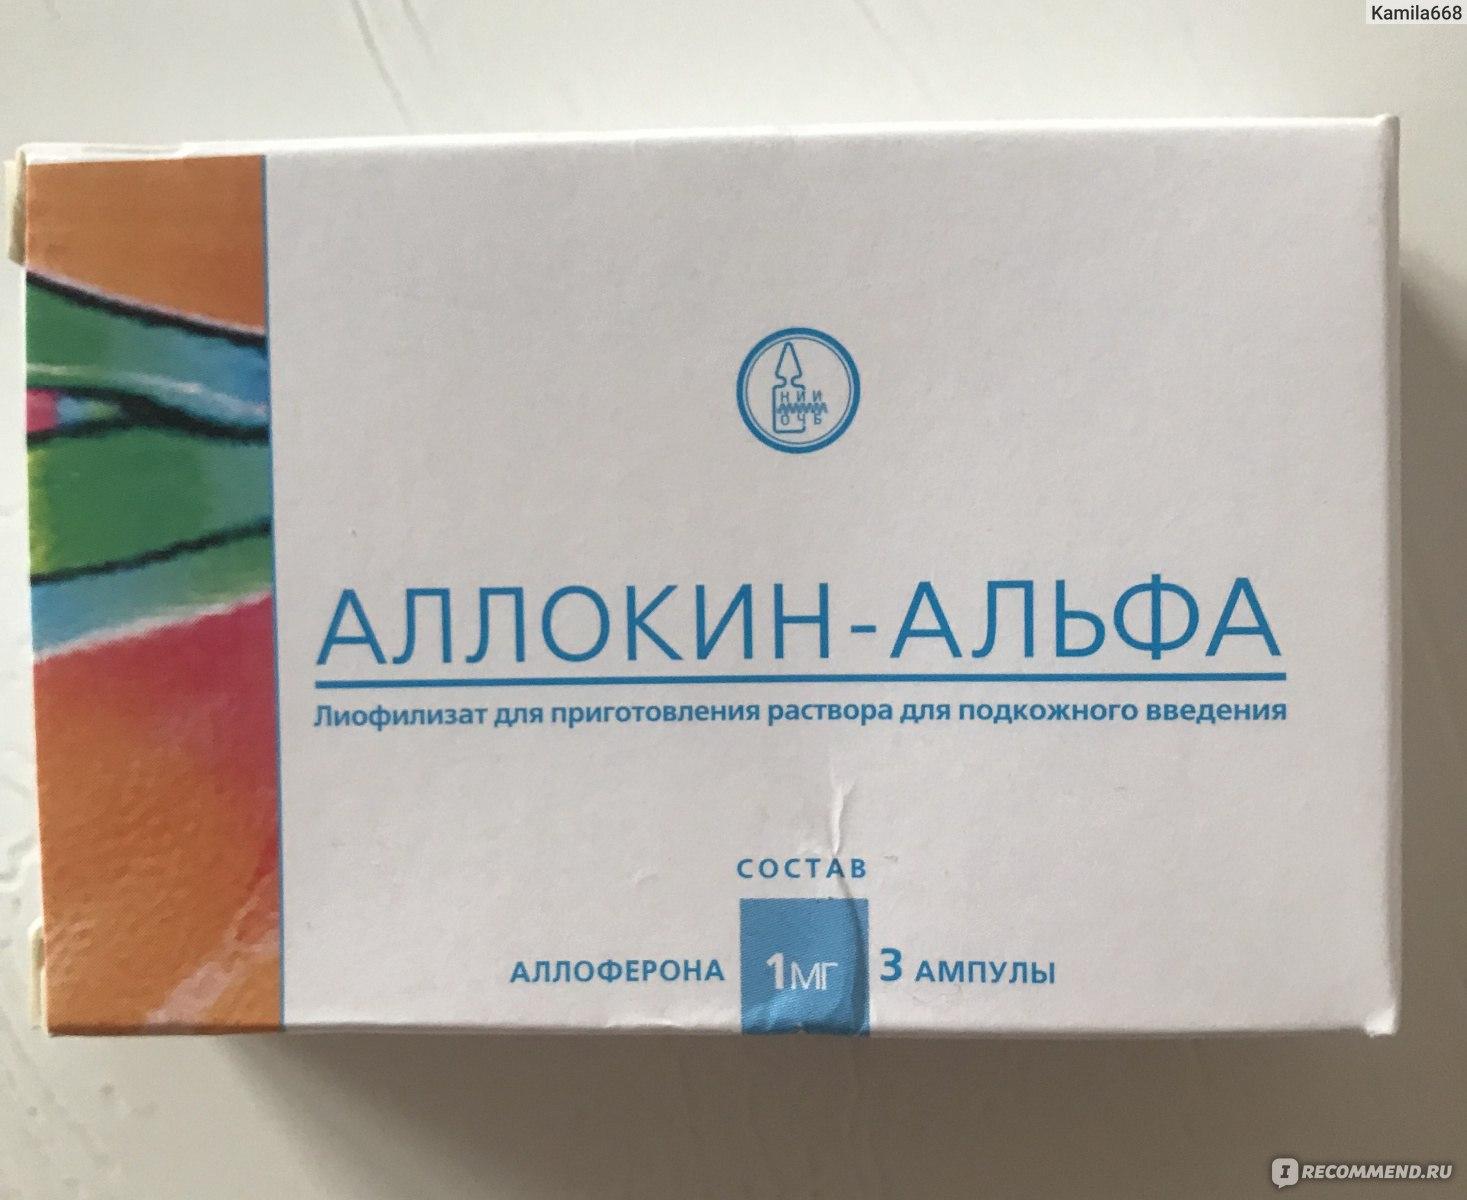 Аллокин альфа при простатите отзывы простатит современные препараты